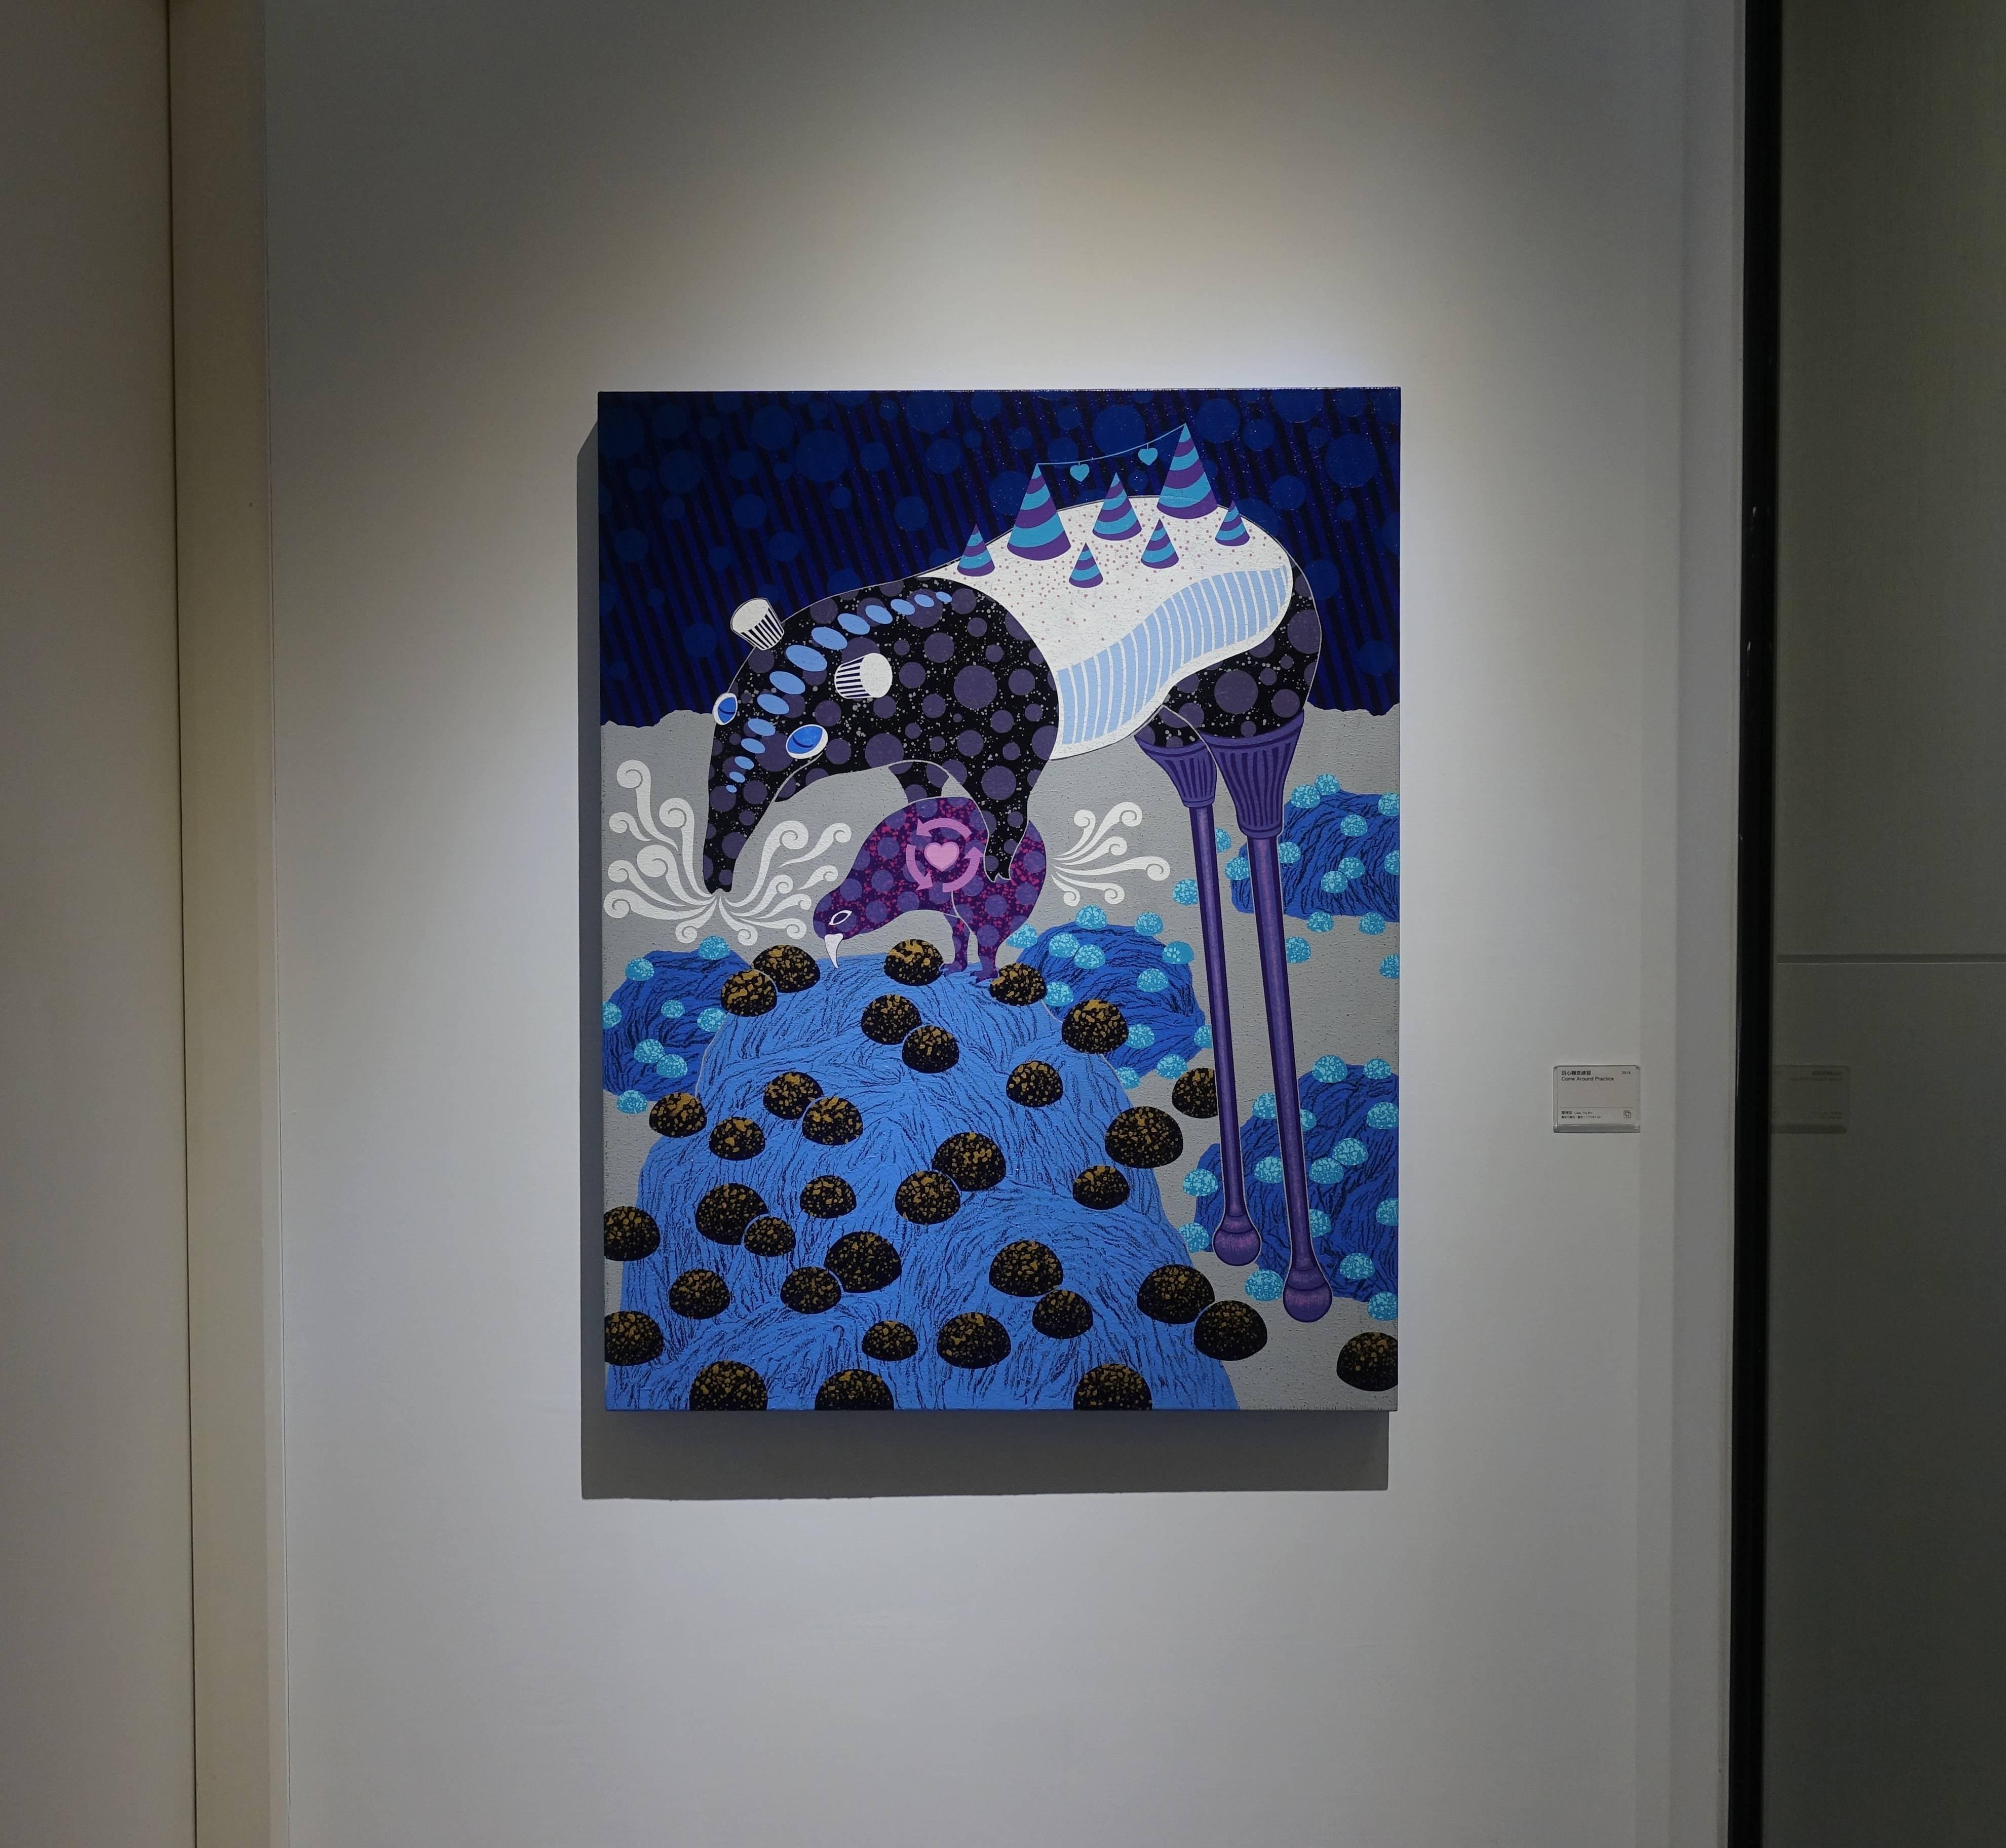 廖堉安,《回心轉意練習Come Around Practice》,壓克力、畫布,117x91 cm,2018。